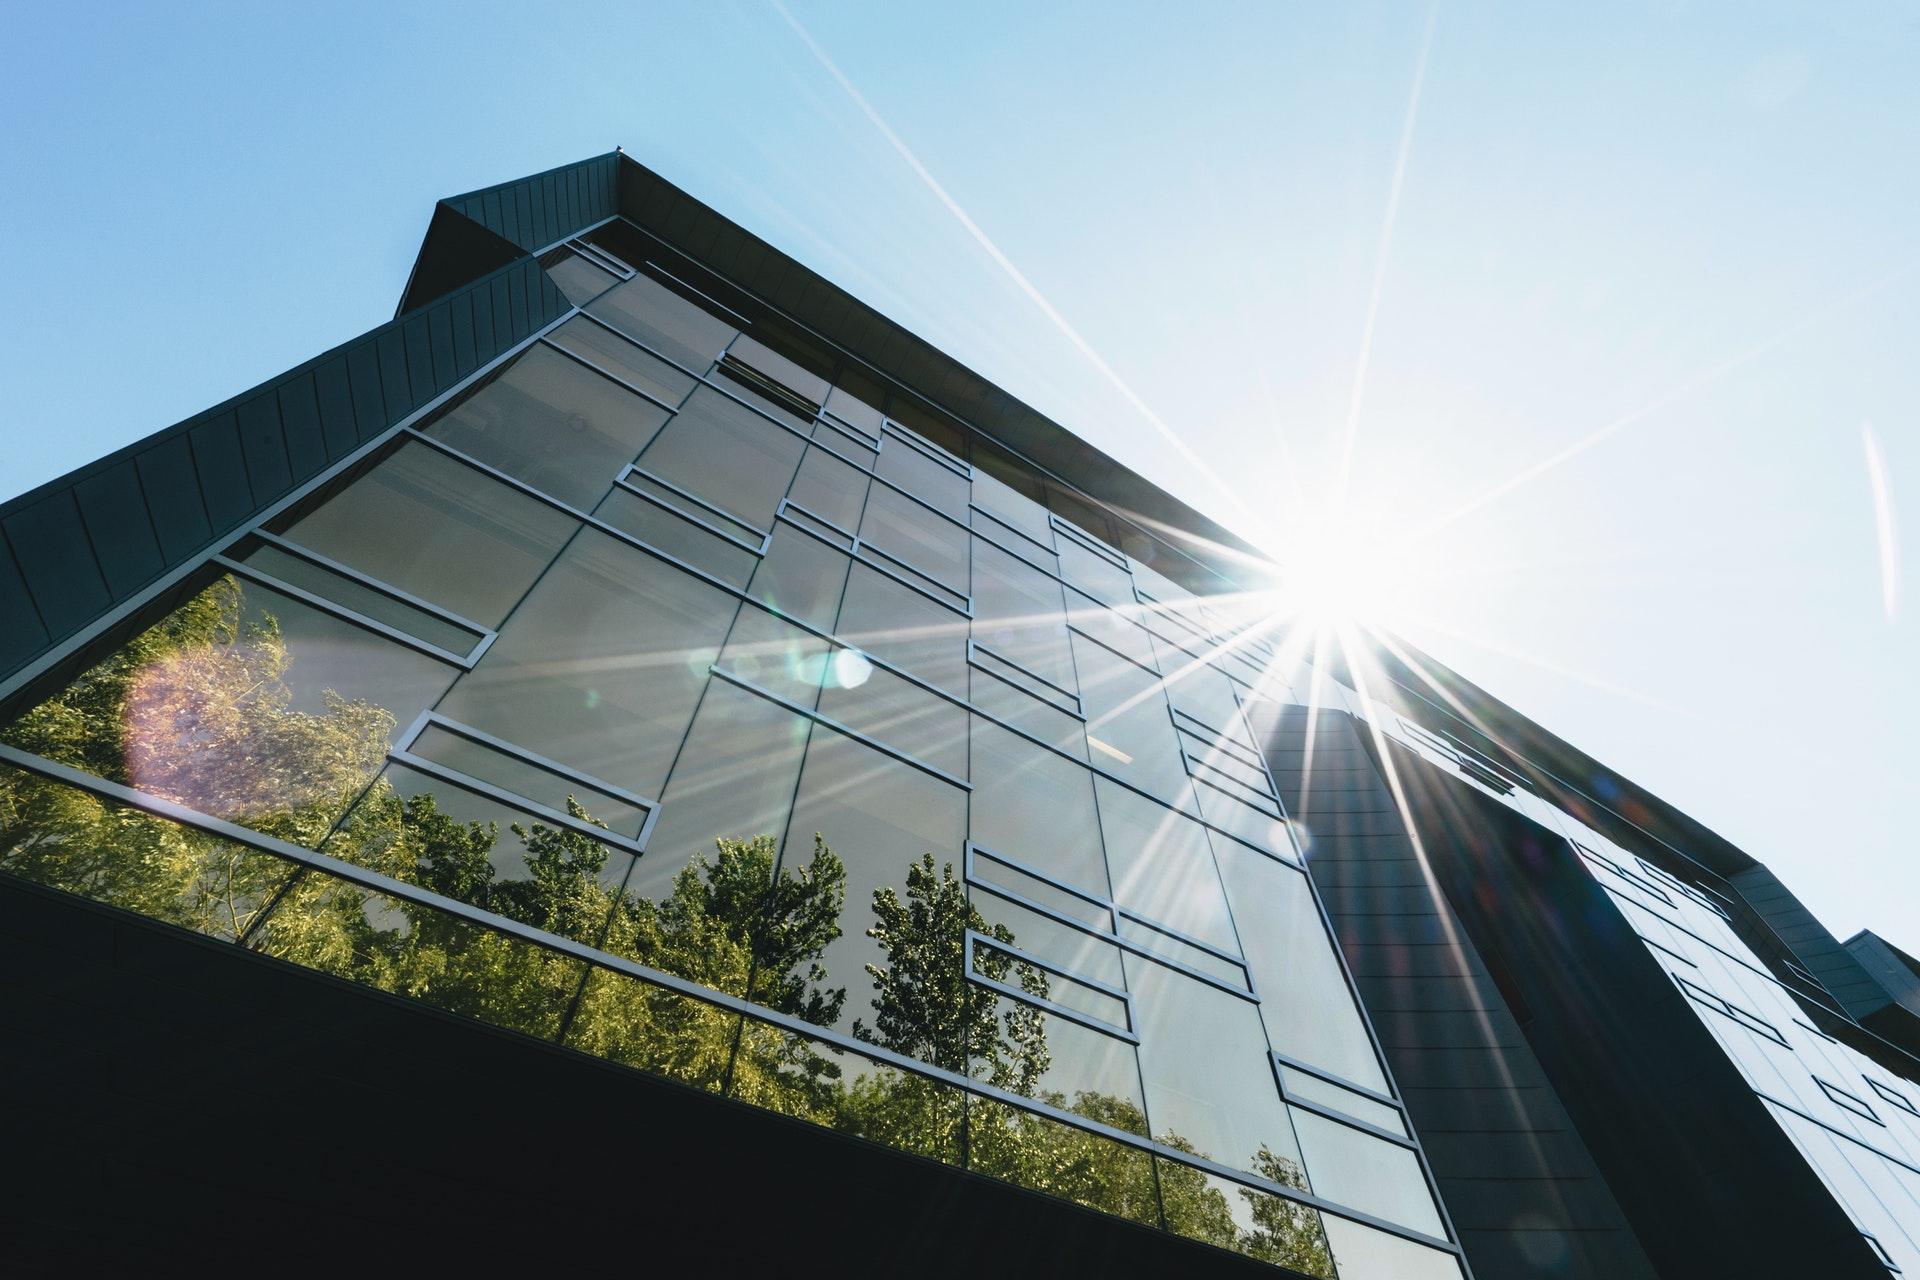 Descubra 4 prédios sustentáveis que usam aquecimento solar no Brasil